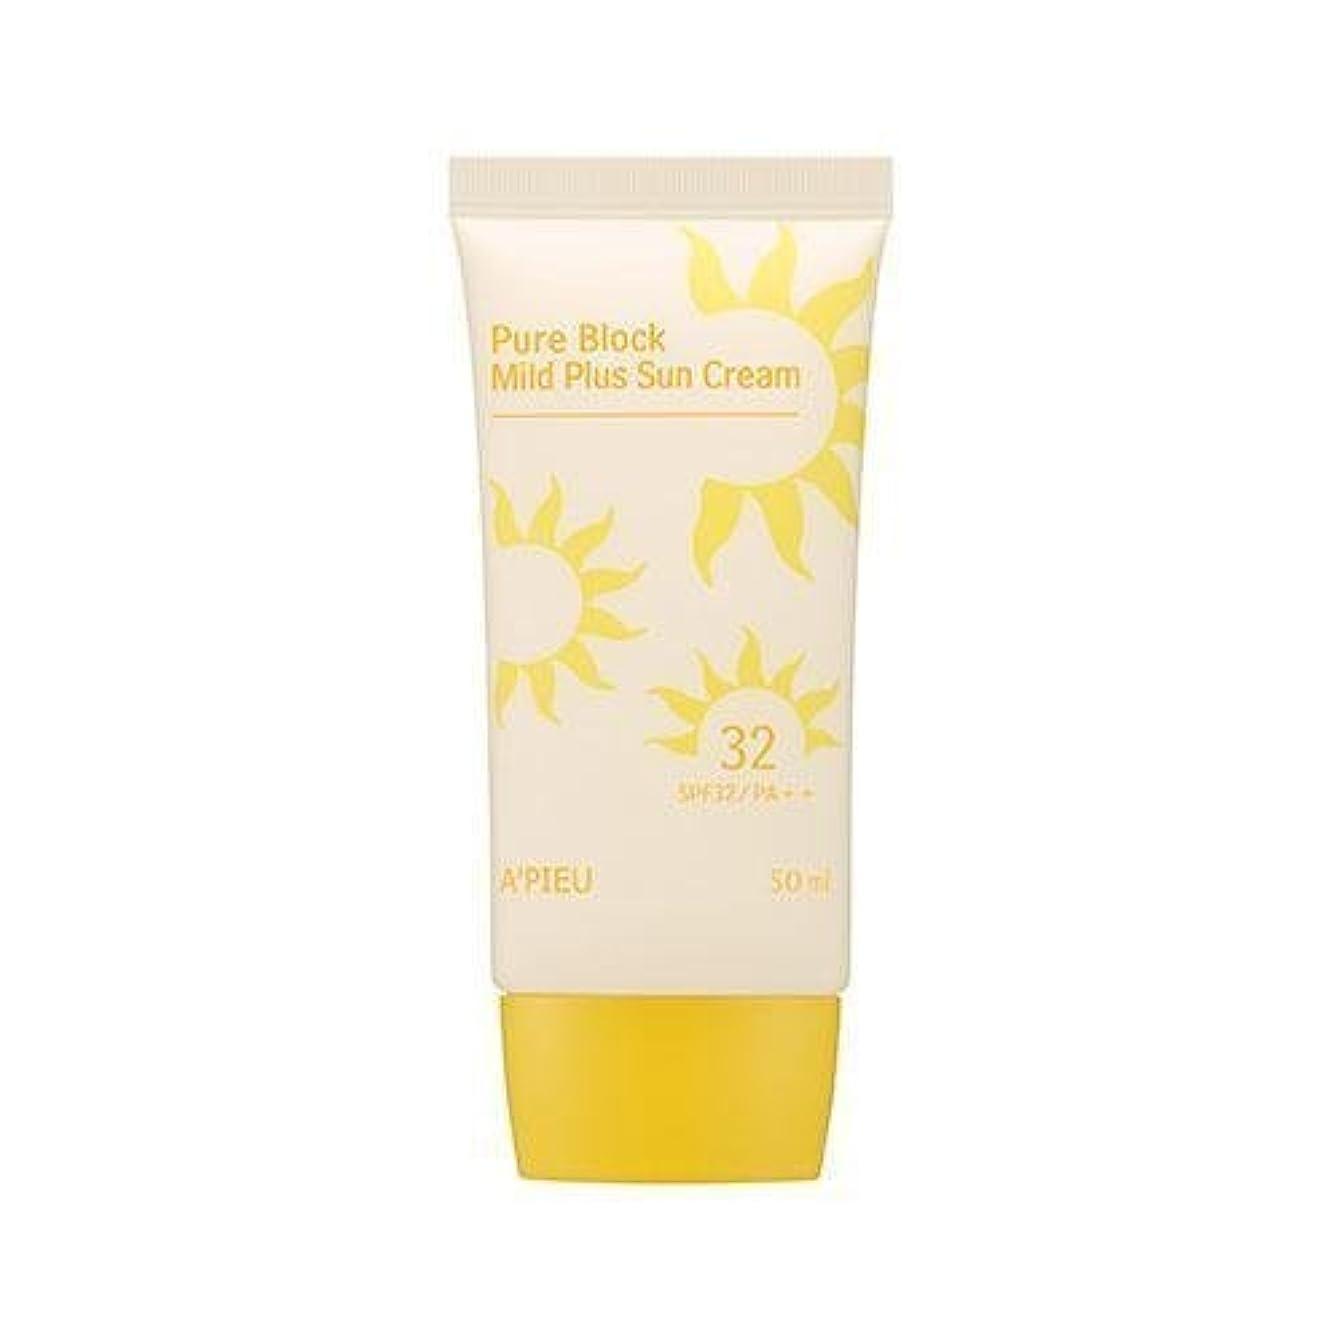 アシスタント目に見えるイノセンスAPIEU Pure Block Mild Plus Sun Cream (SPF32/PA++)/ Made in Korea